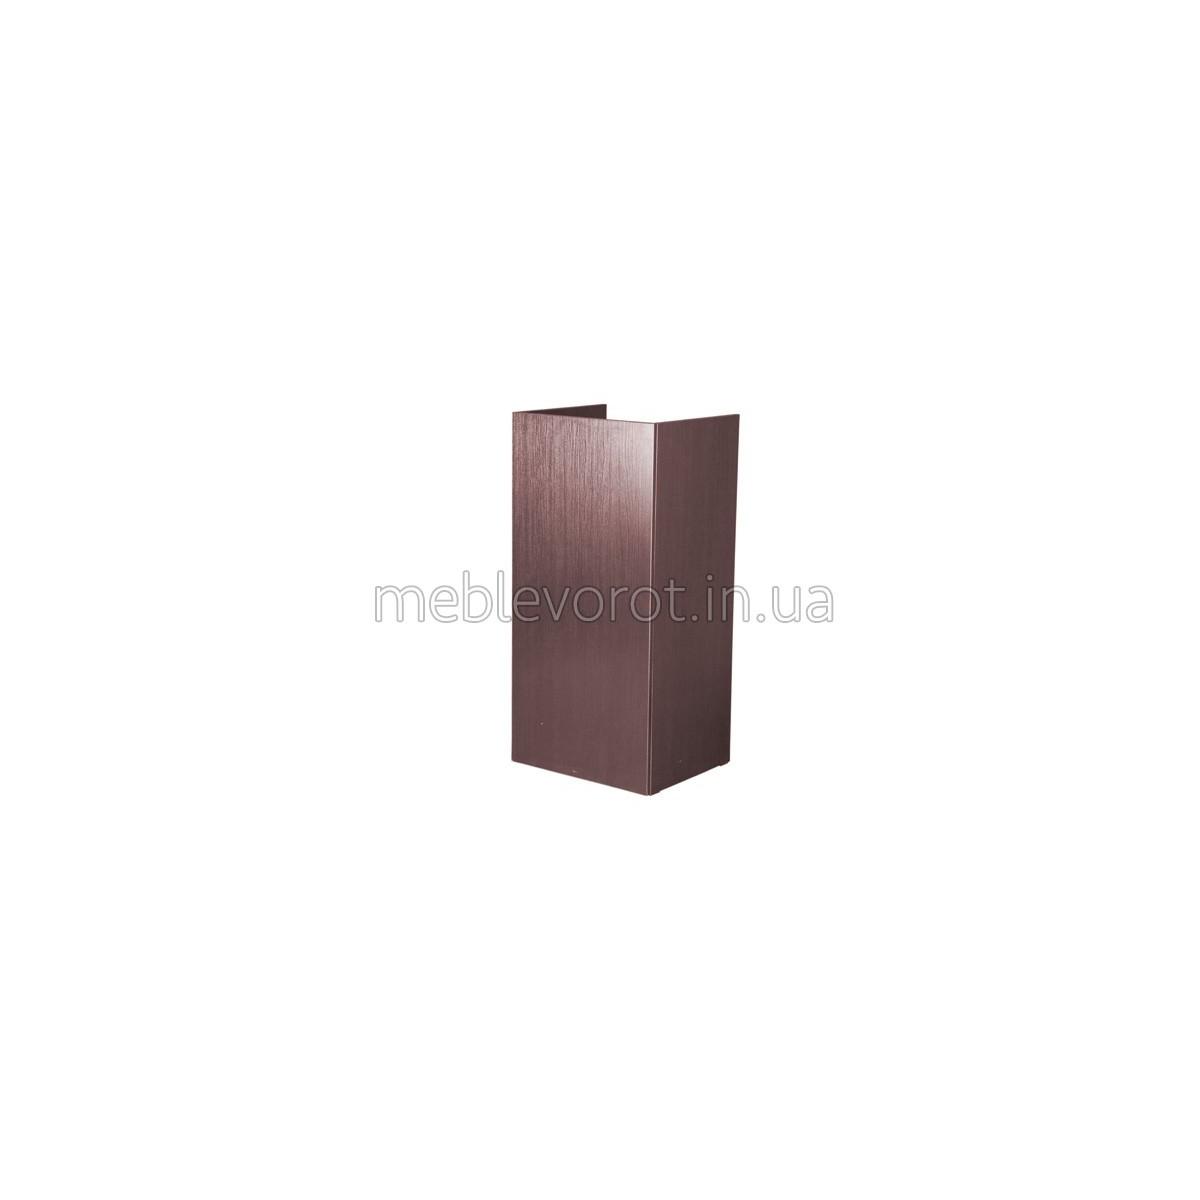 """Трибуна """"Квадро"""" коричневая (Аренда)"""